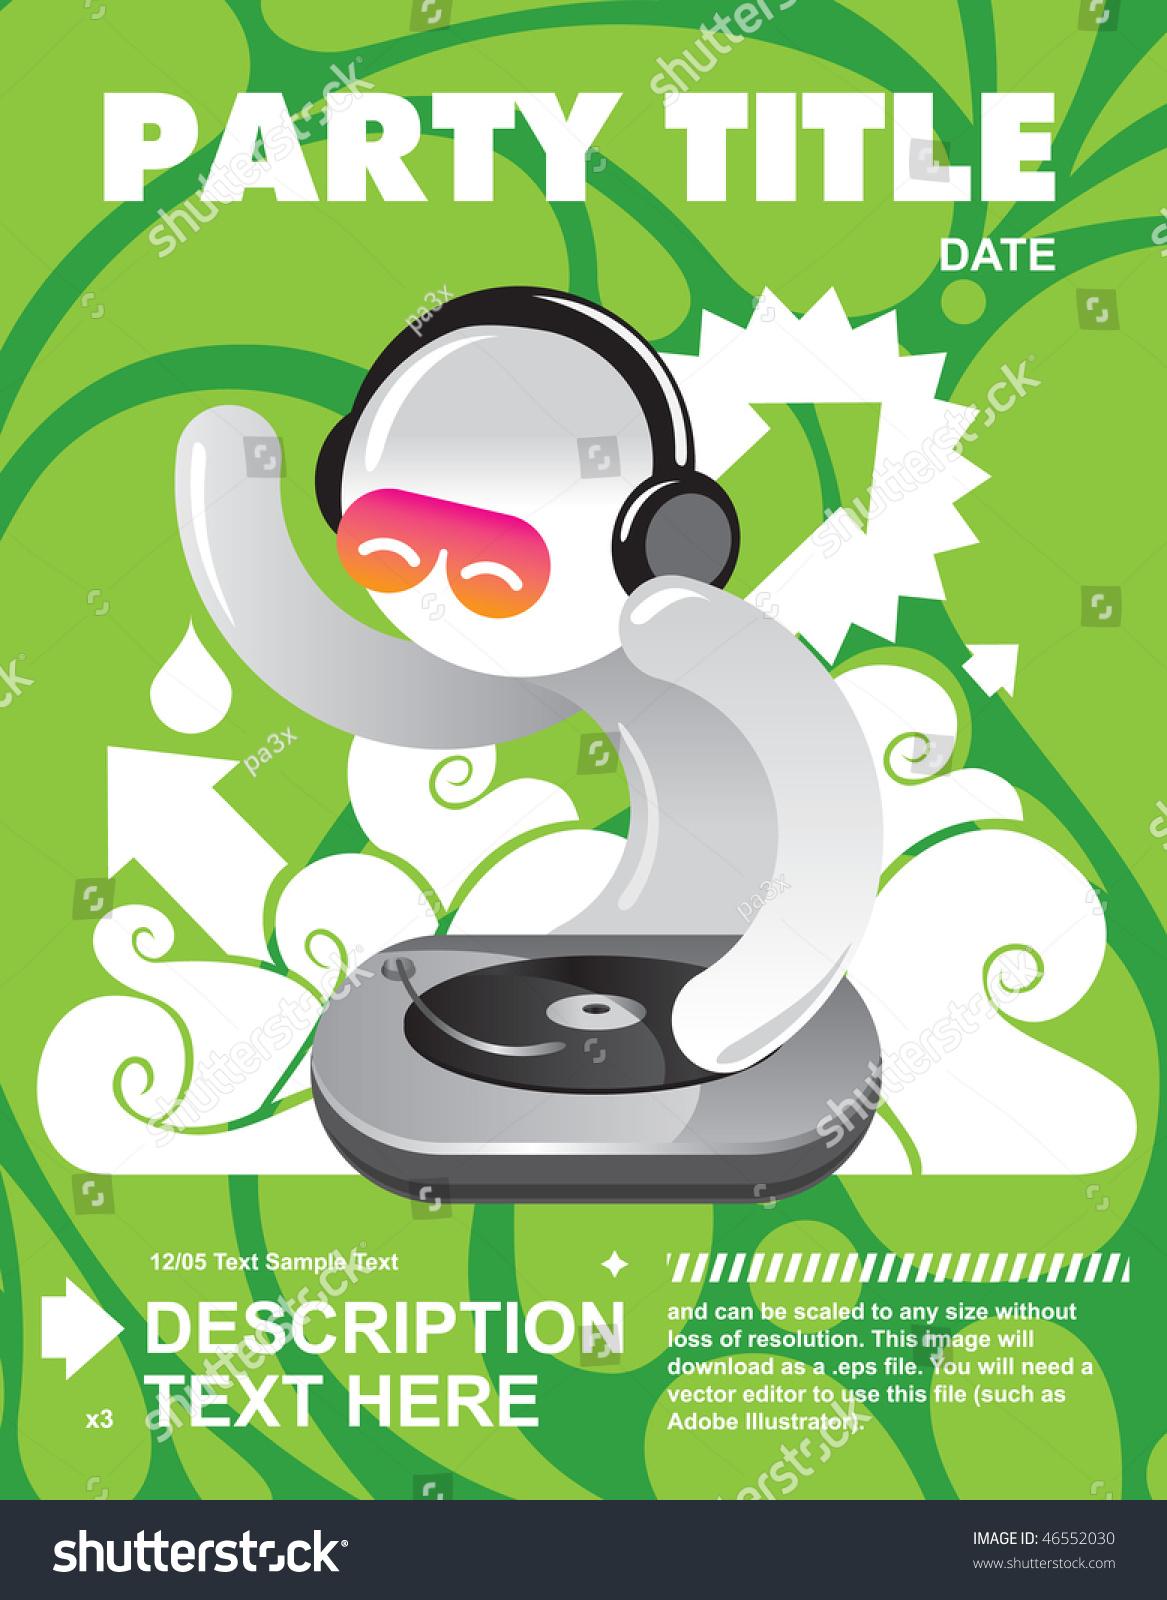 新鲜党传单与dj名片设计-背景/素材,插图/剪贴图-海洛